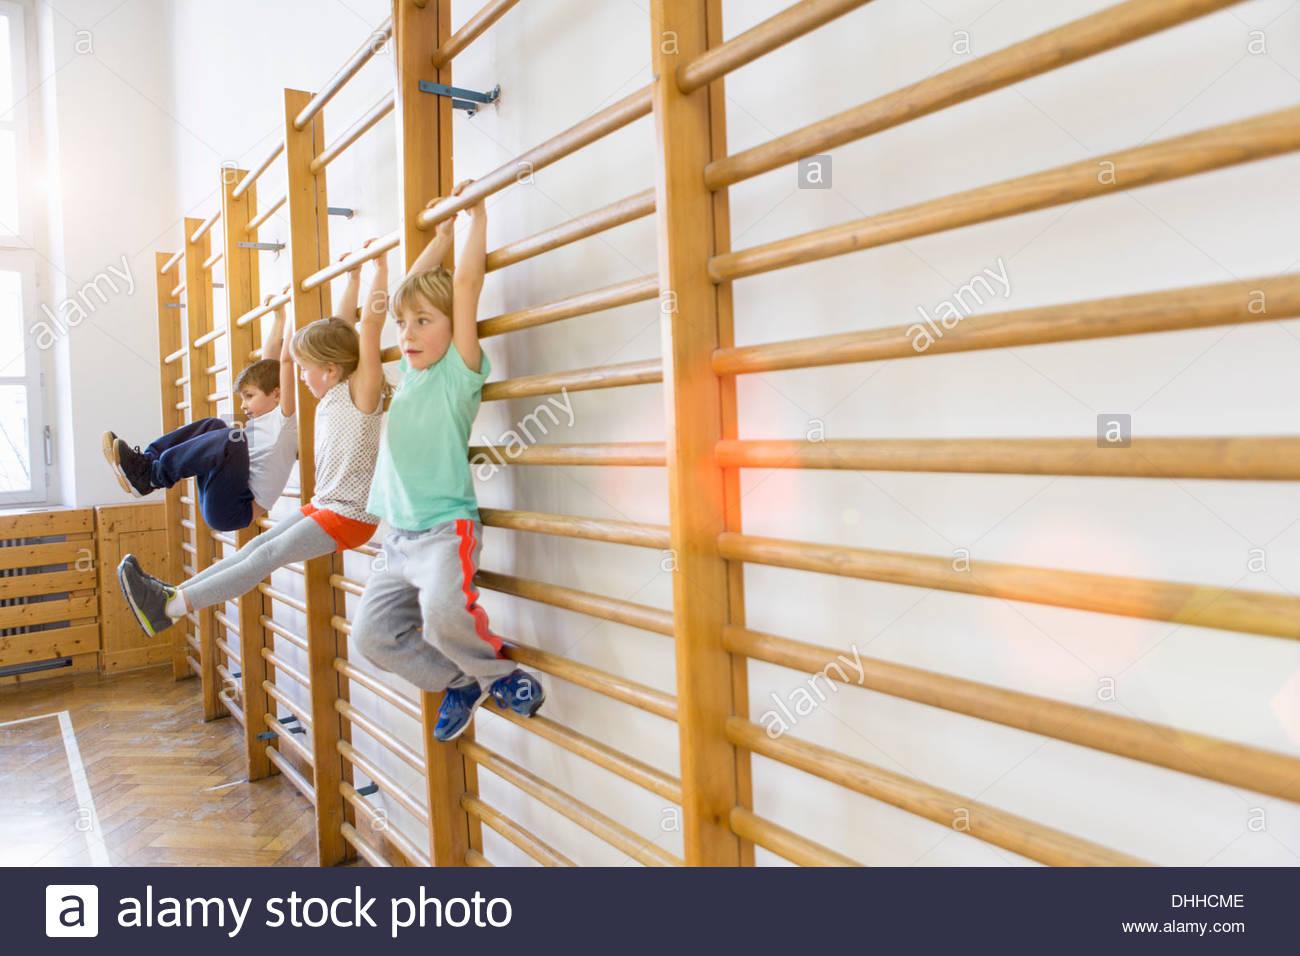 Klettergerüst Am Hang : Jungs hängen klettergerüst in der schule stockfoto bild: 62463422